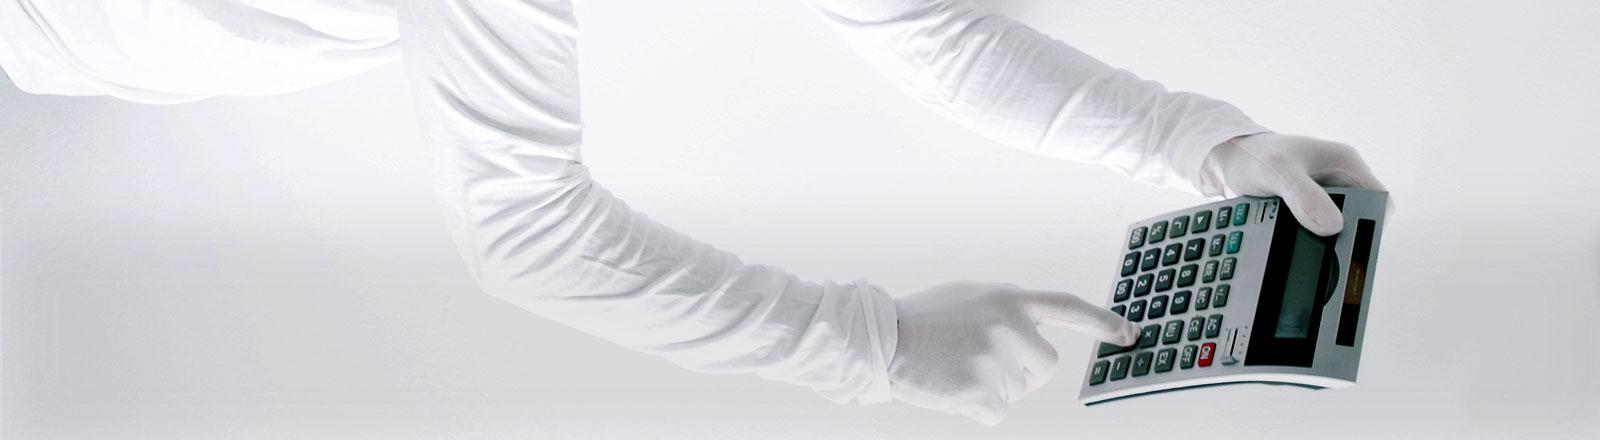 Eine im Raum schwebende Person hält einen Taschenrechner in der Hand.